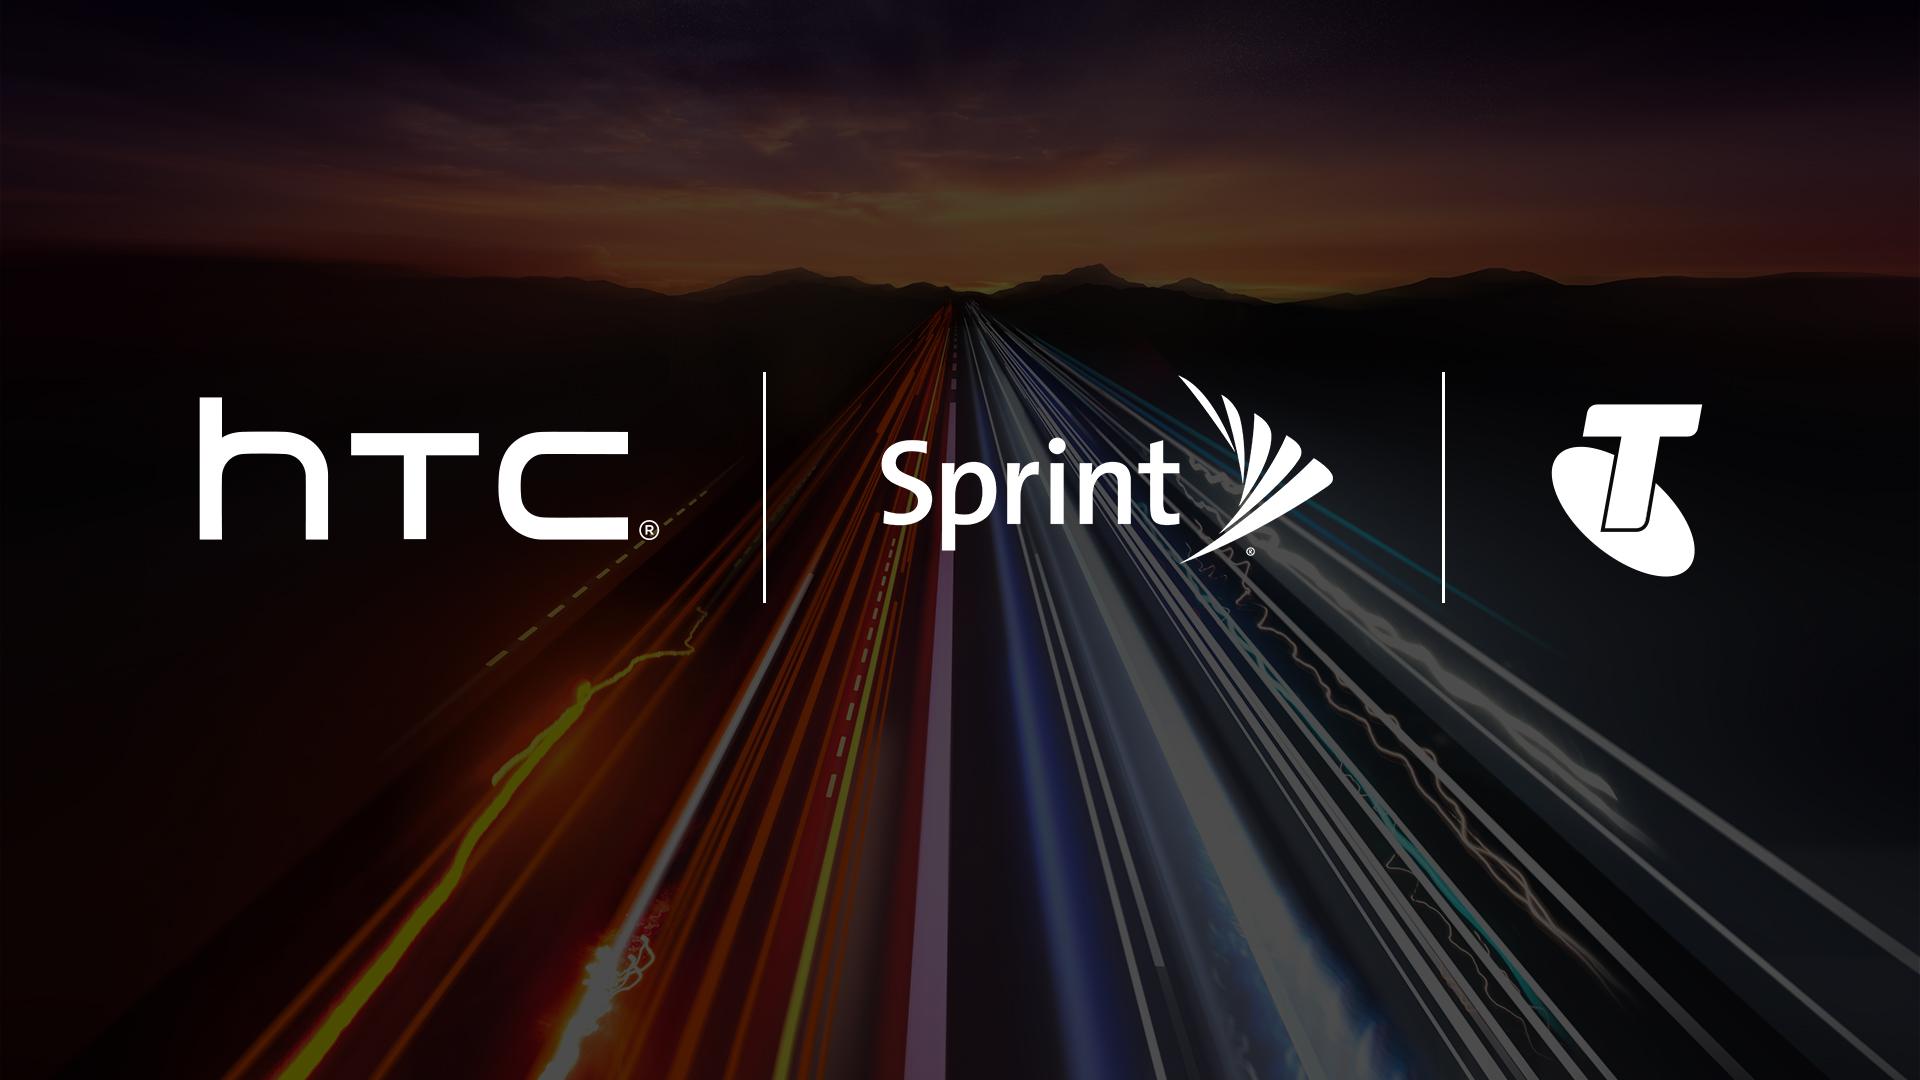 HTC creează condiții pentru utilizarea 5G prin acorduri cu operatorii de telefonie globali